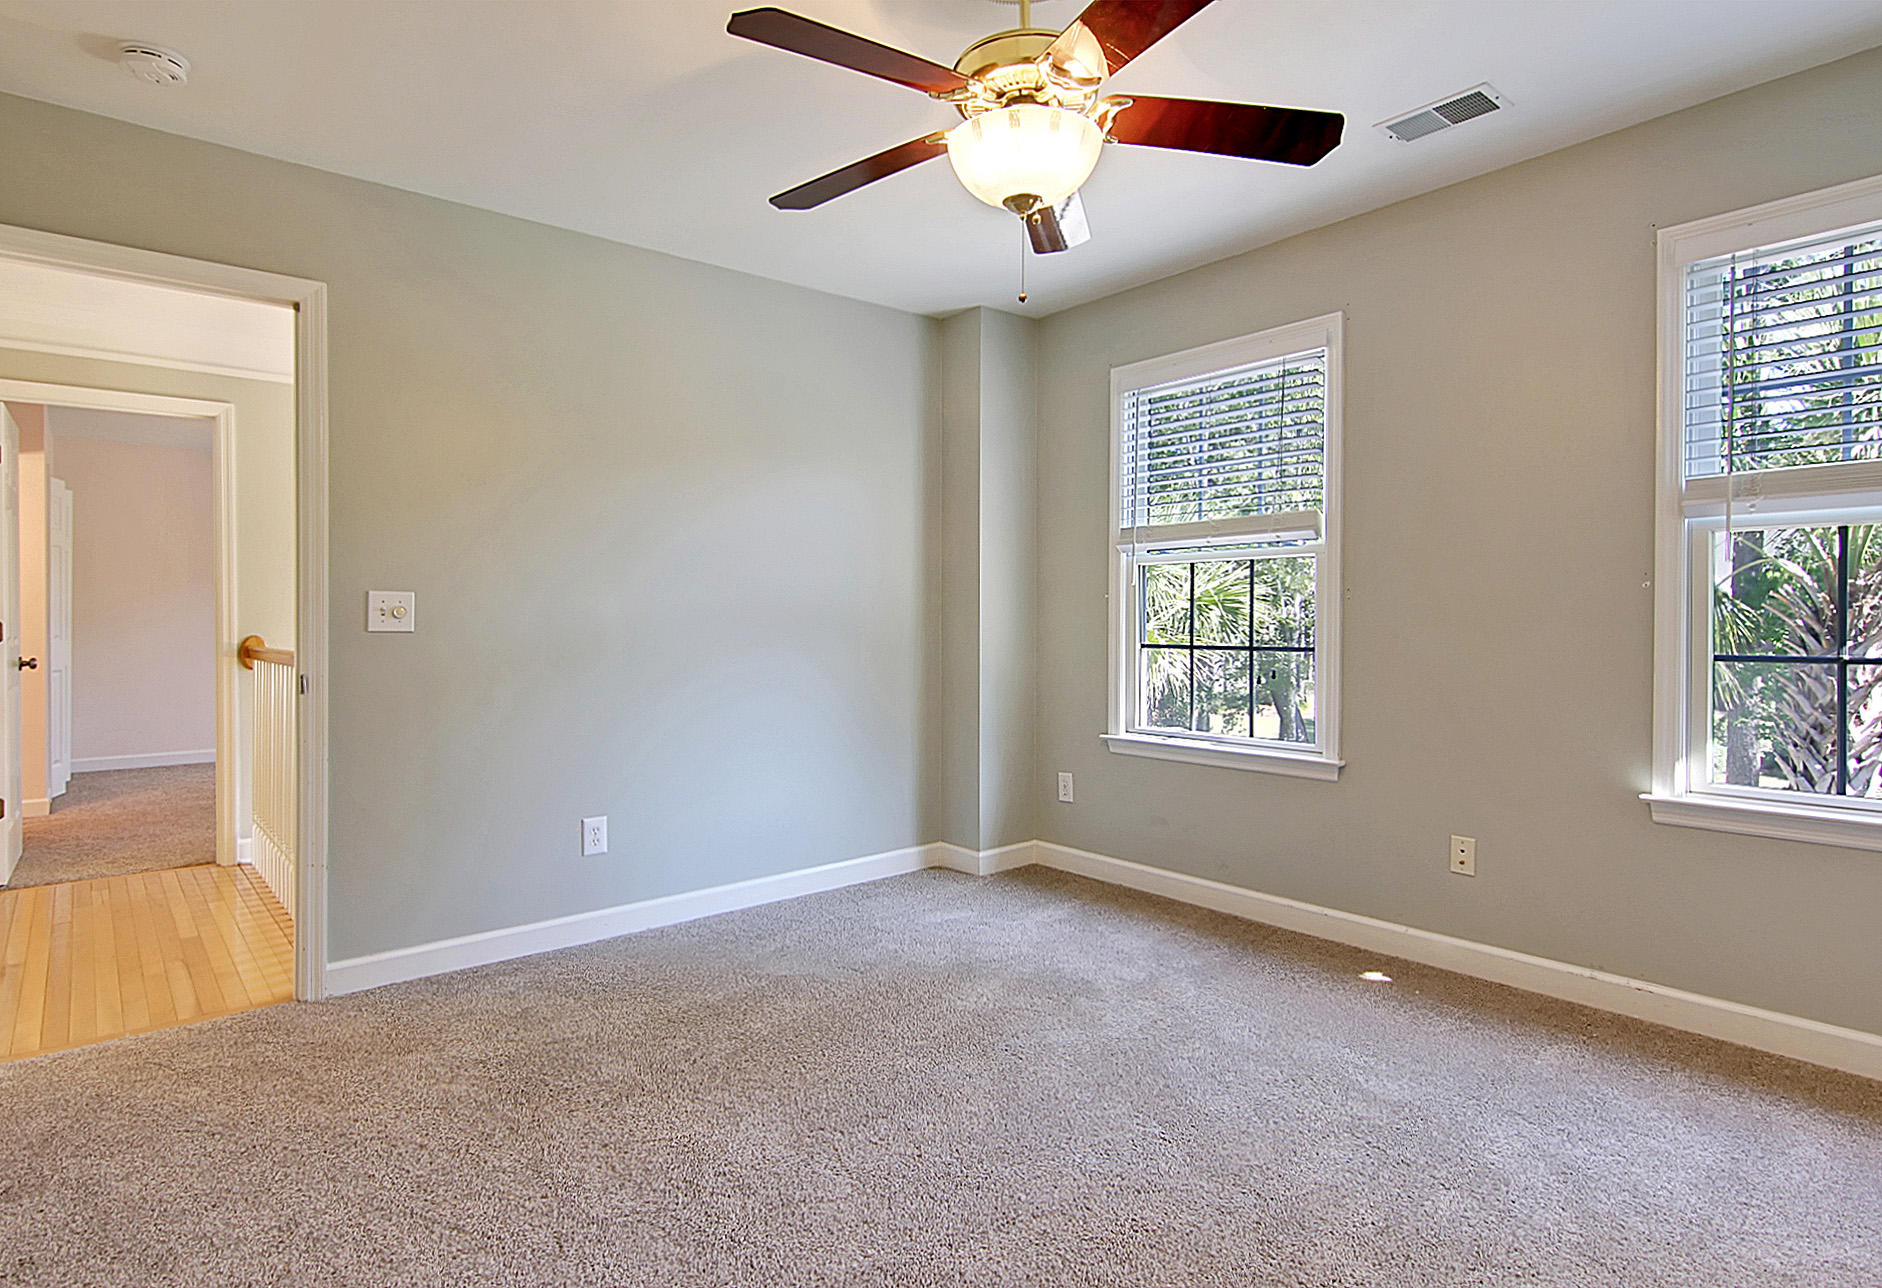 Dunes West Homes For Sale - 2236 Black Oak, Mount Pleasant, SC - 34